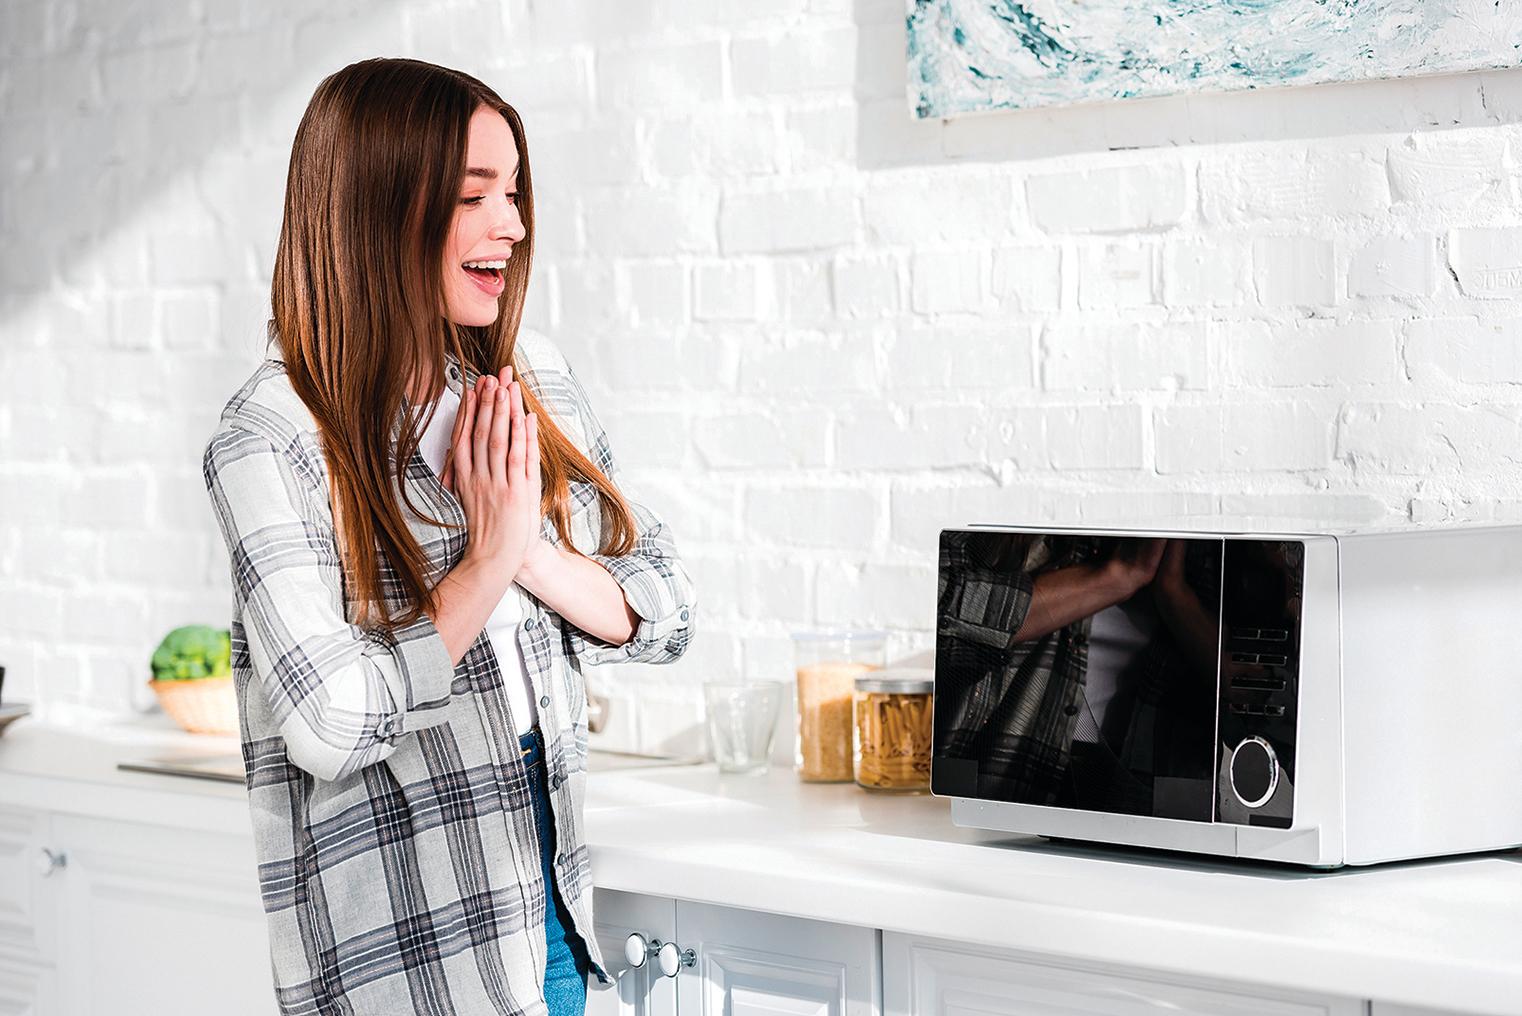 善用冷凍調理包和微波爐,就能快速準備好餐點。